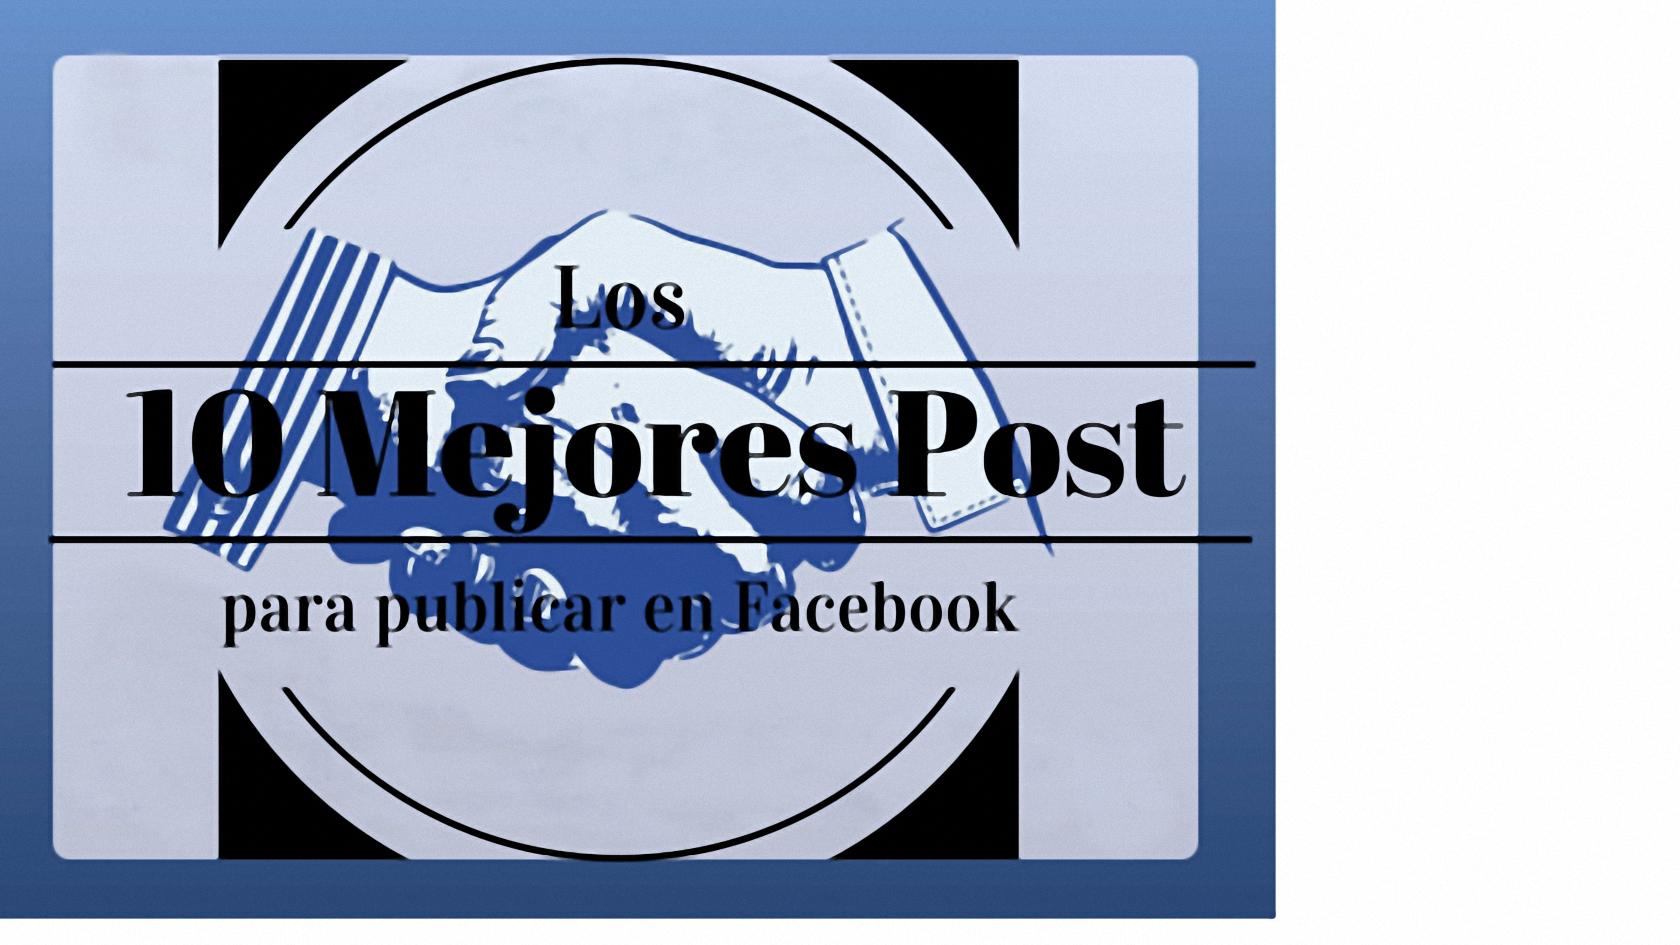 los mejores 10 post para publicar en facebook